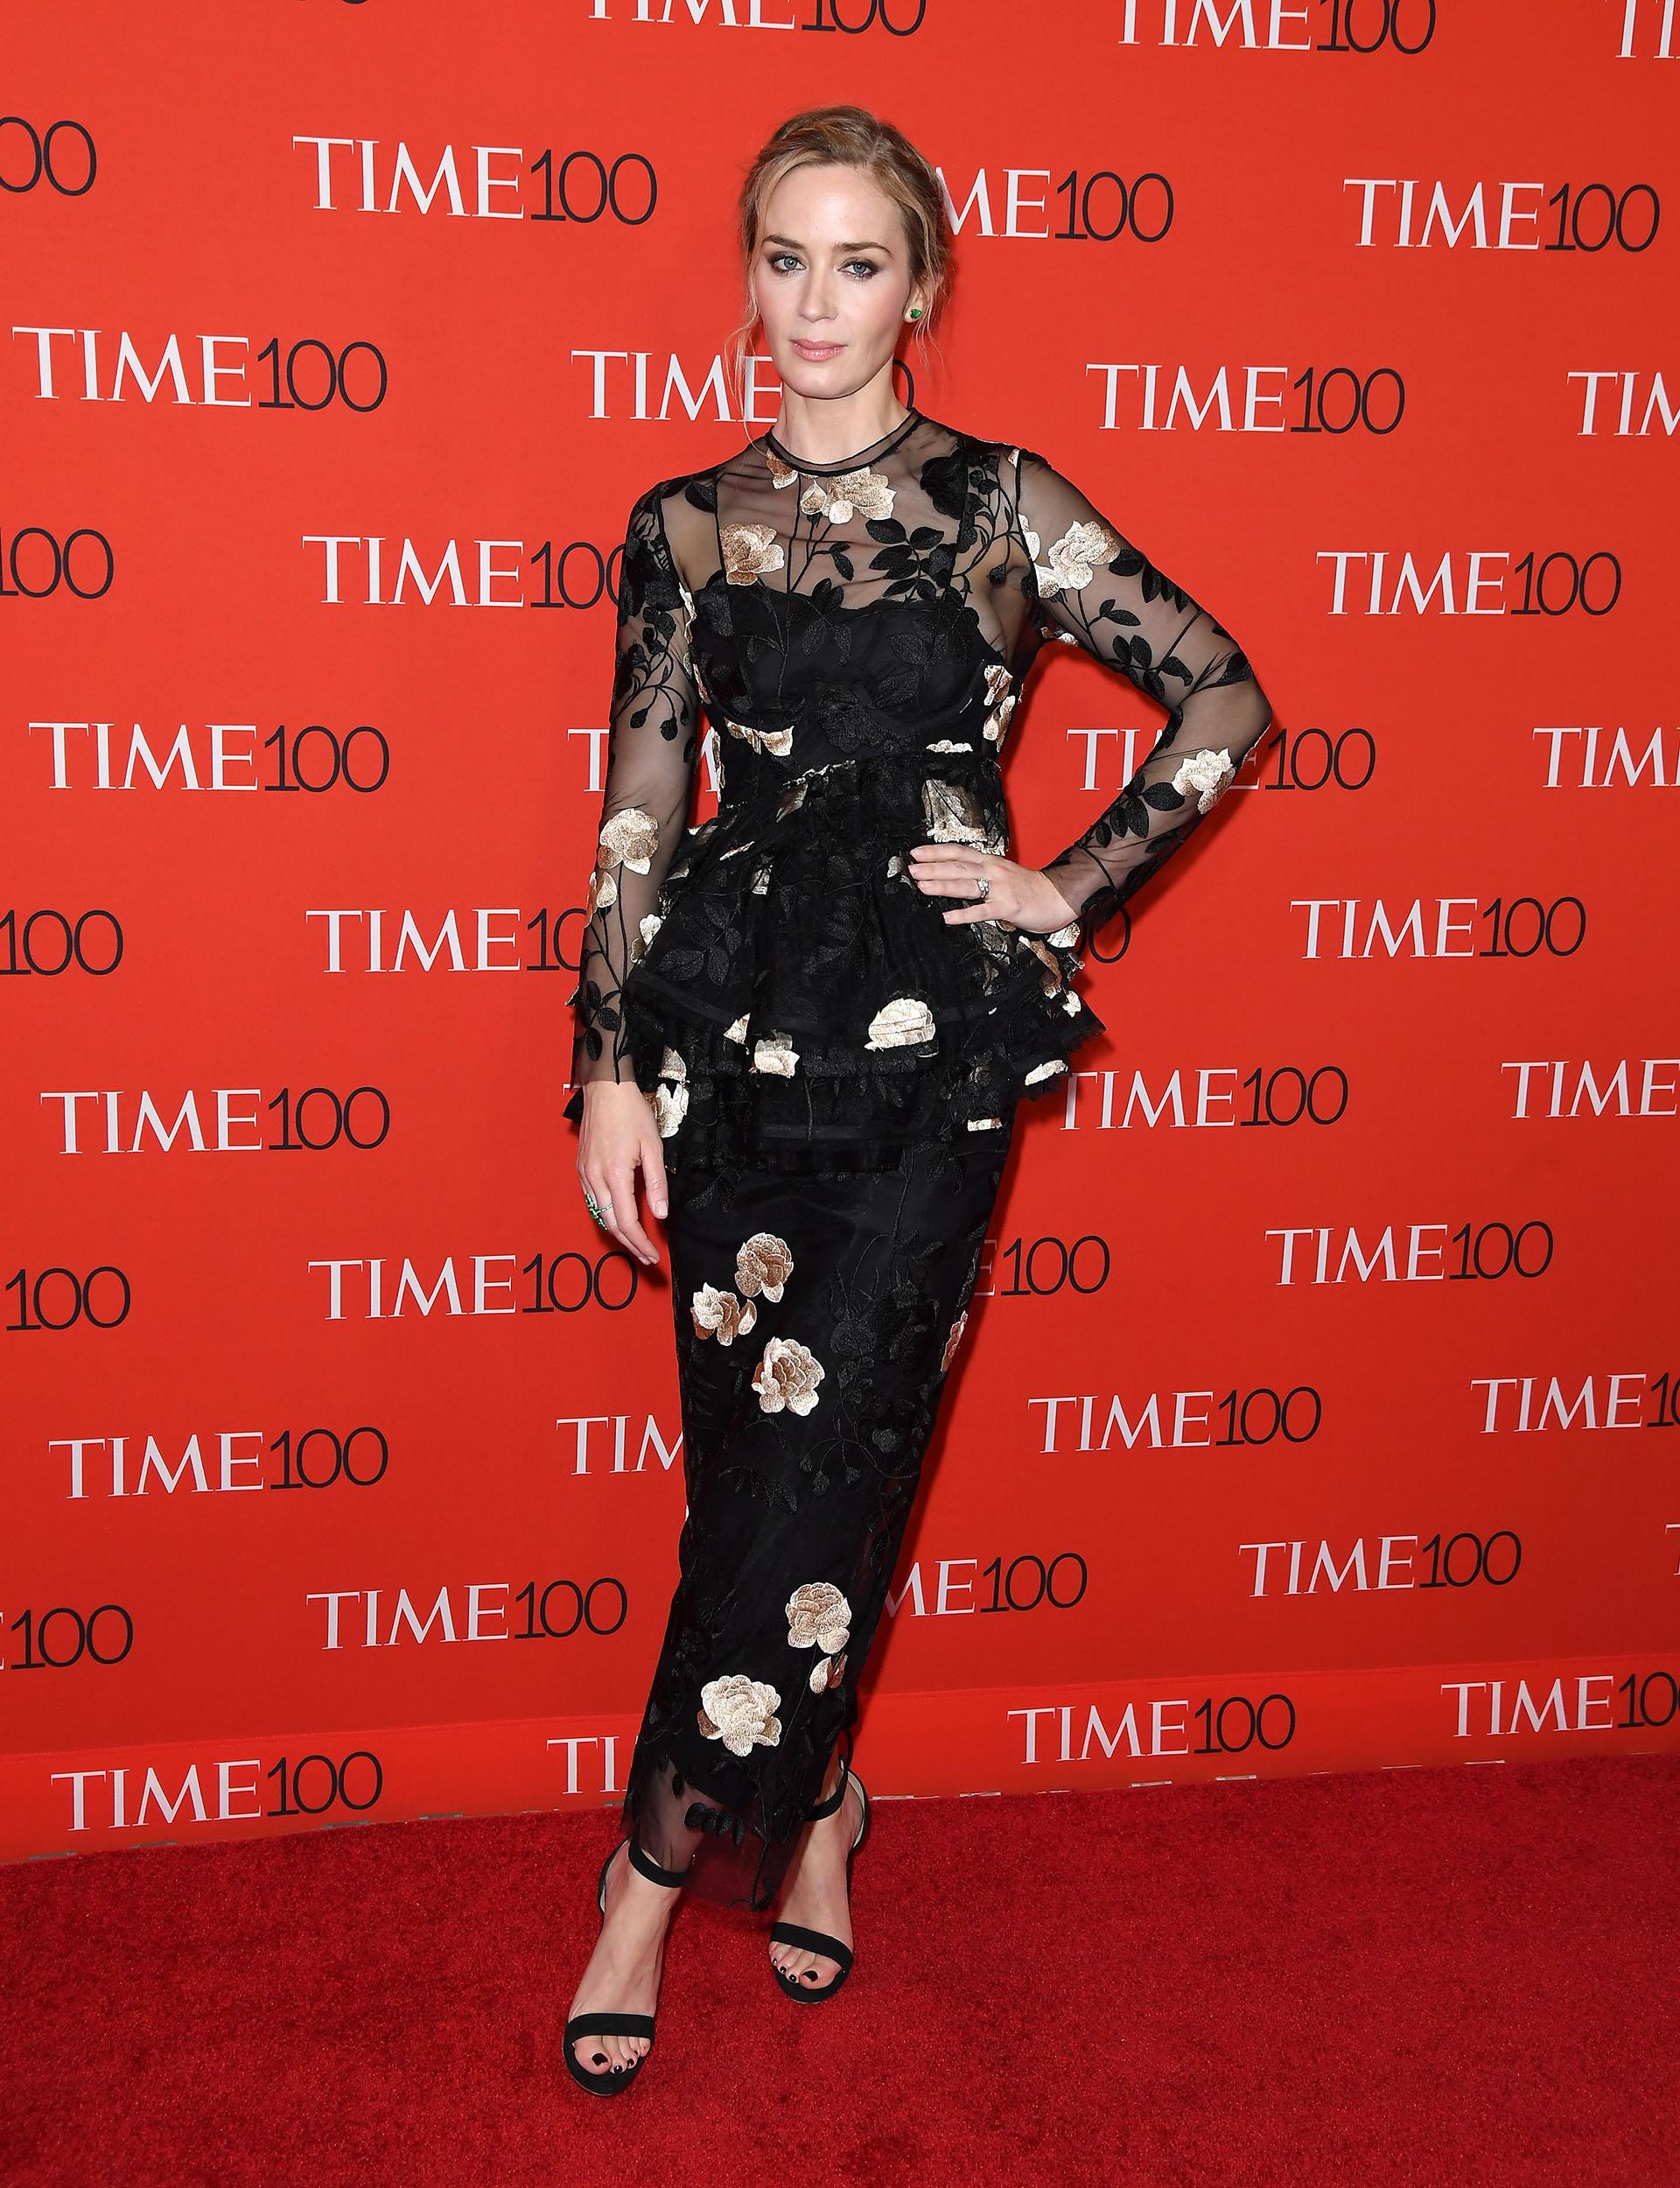 Emily Blunt eligió un fabuloso vestido con bordados florales y transparencias